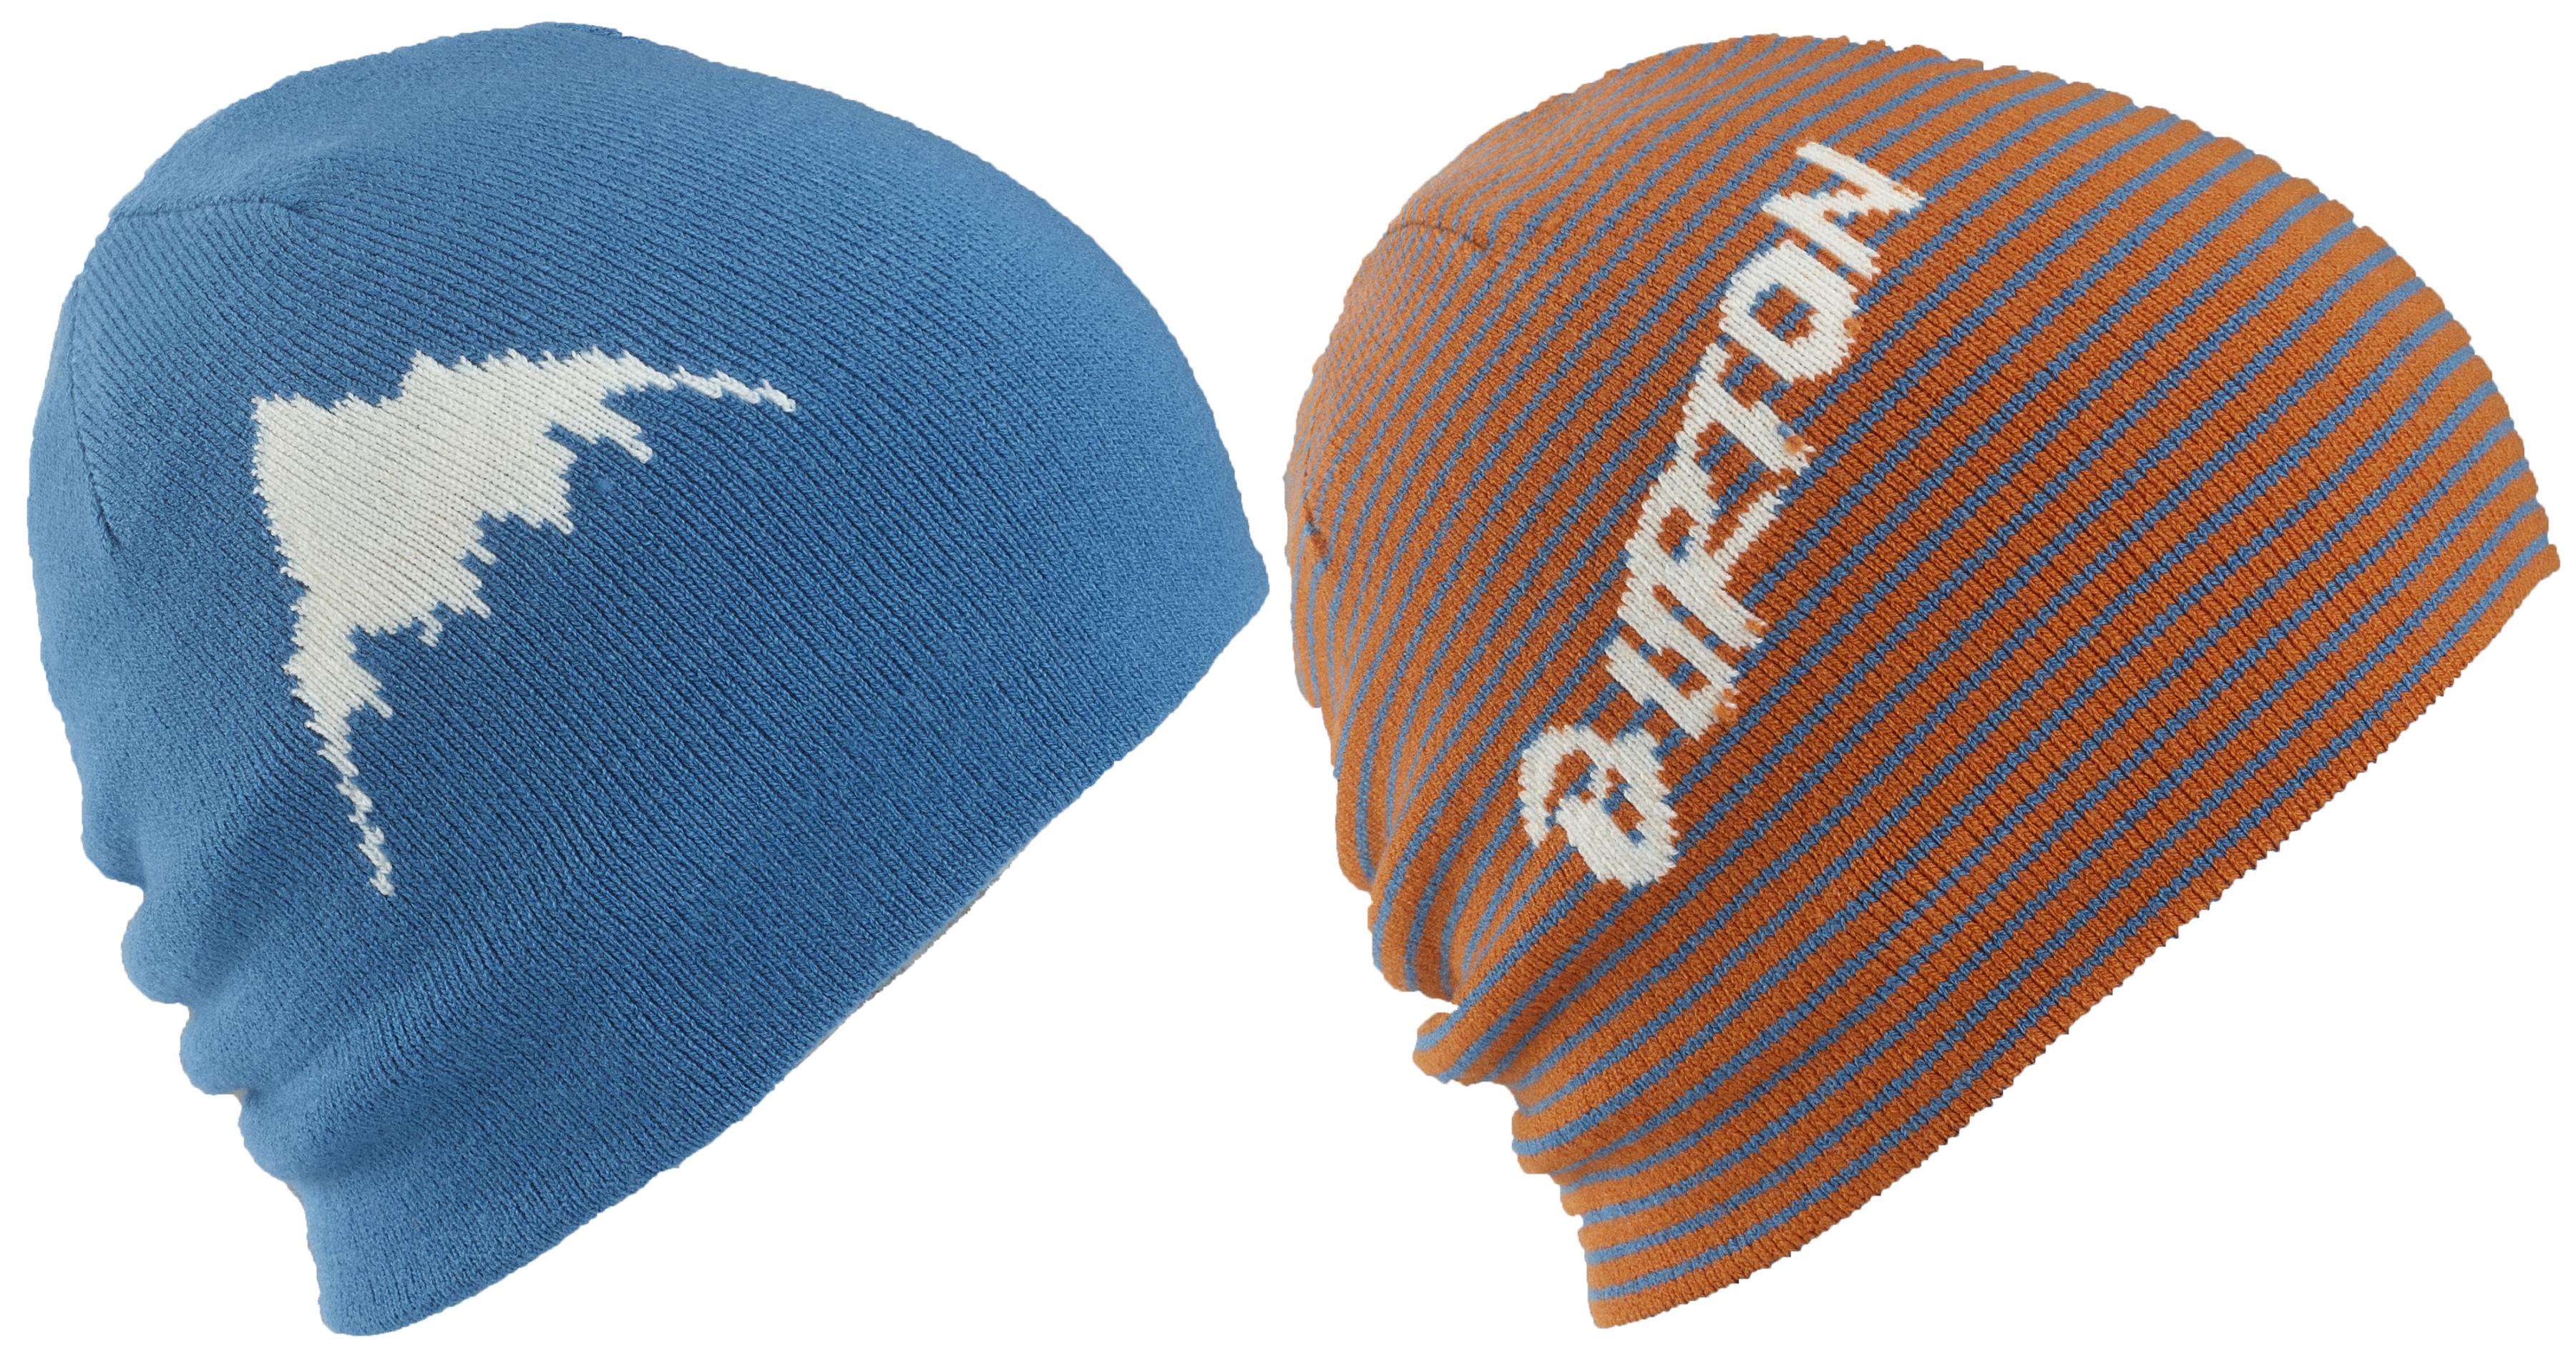 czapka zimowa dziecięca BURTON MARQUEE BEANIE MAUI SUNSET/GLACIER BLUE